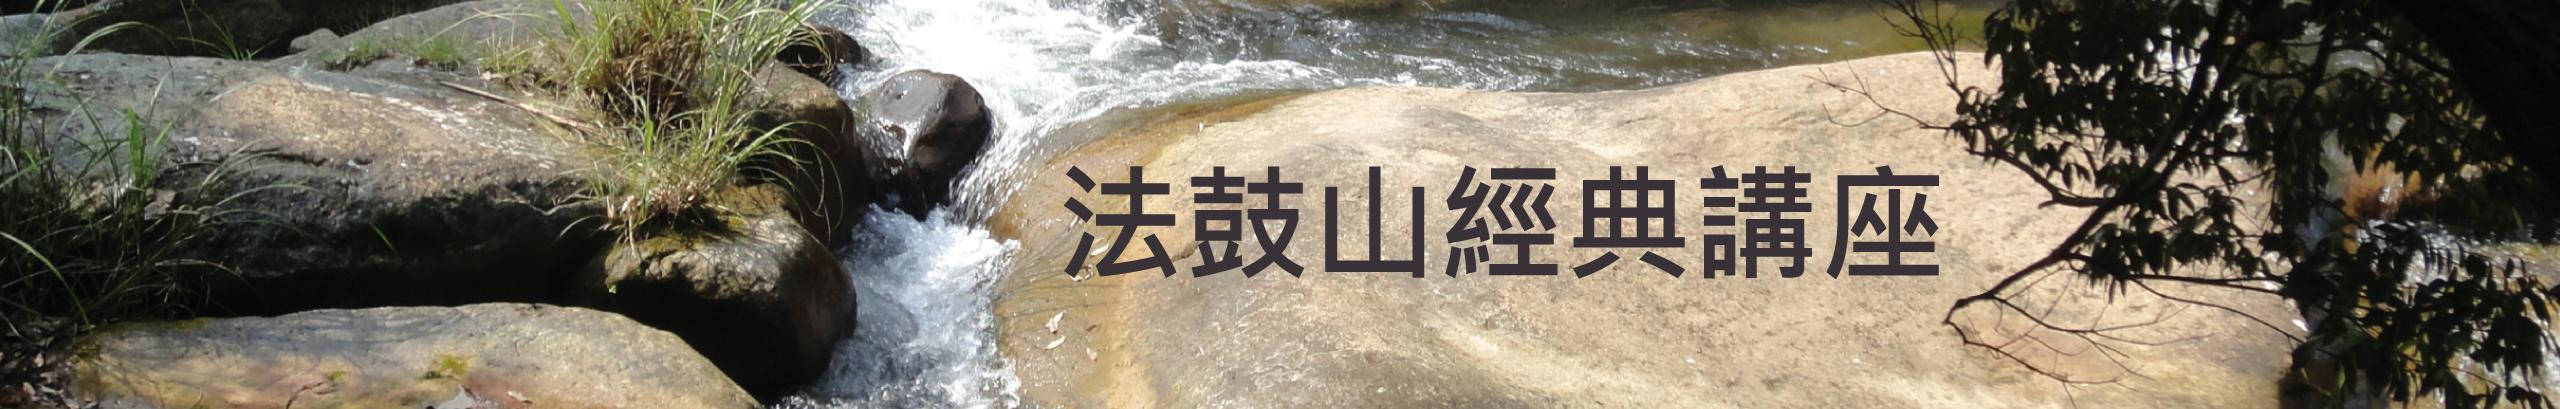 法鼓山经典讲座 banner